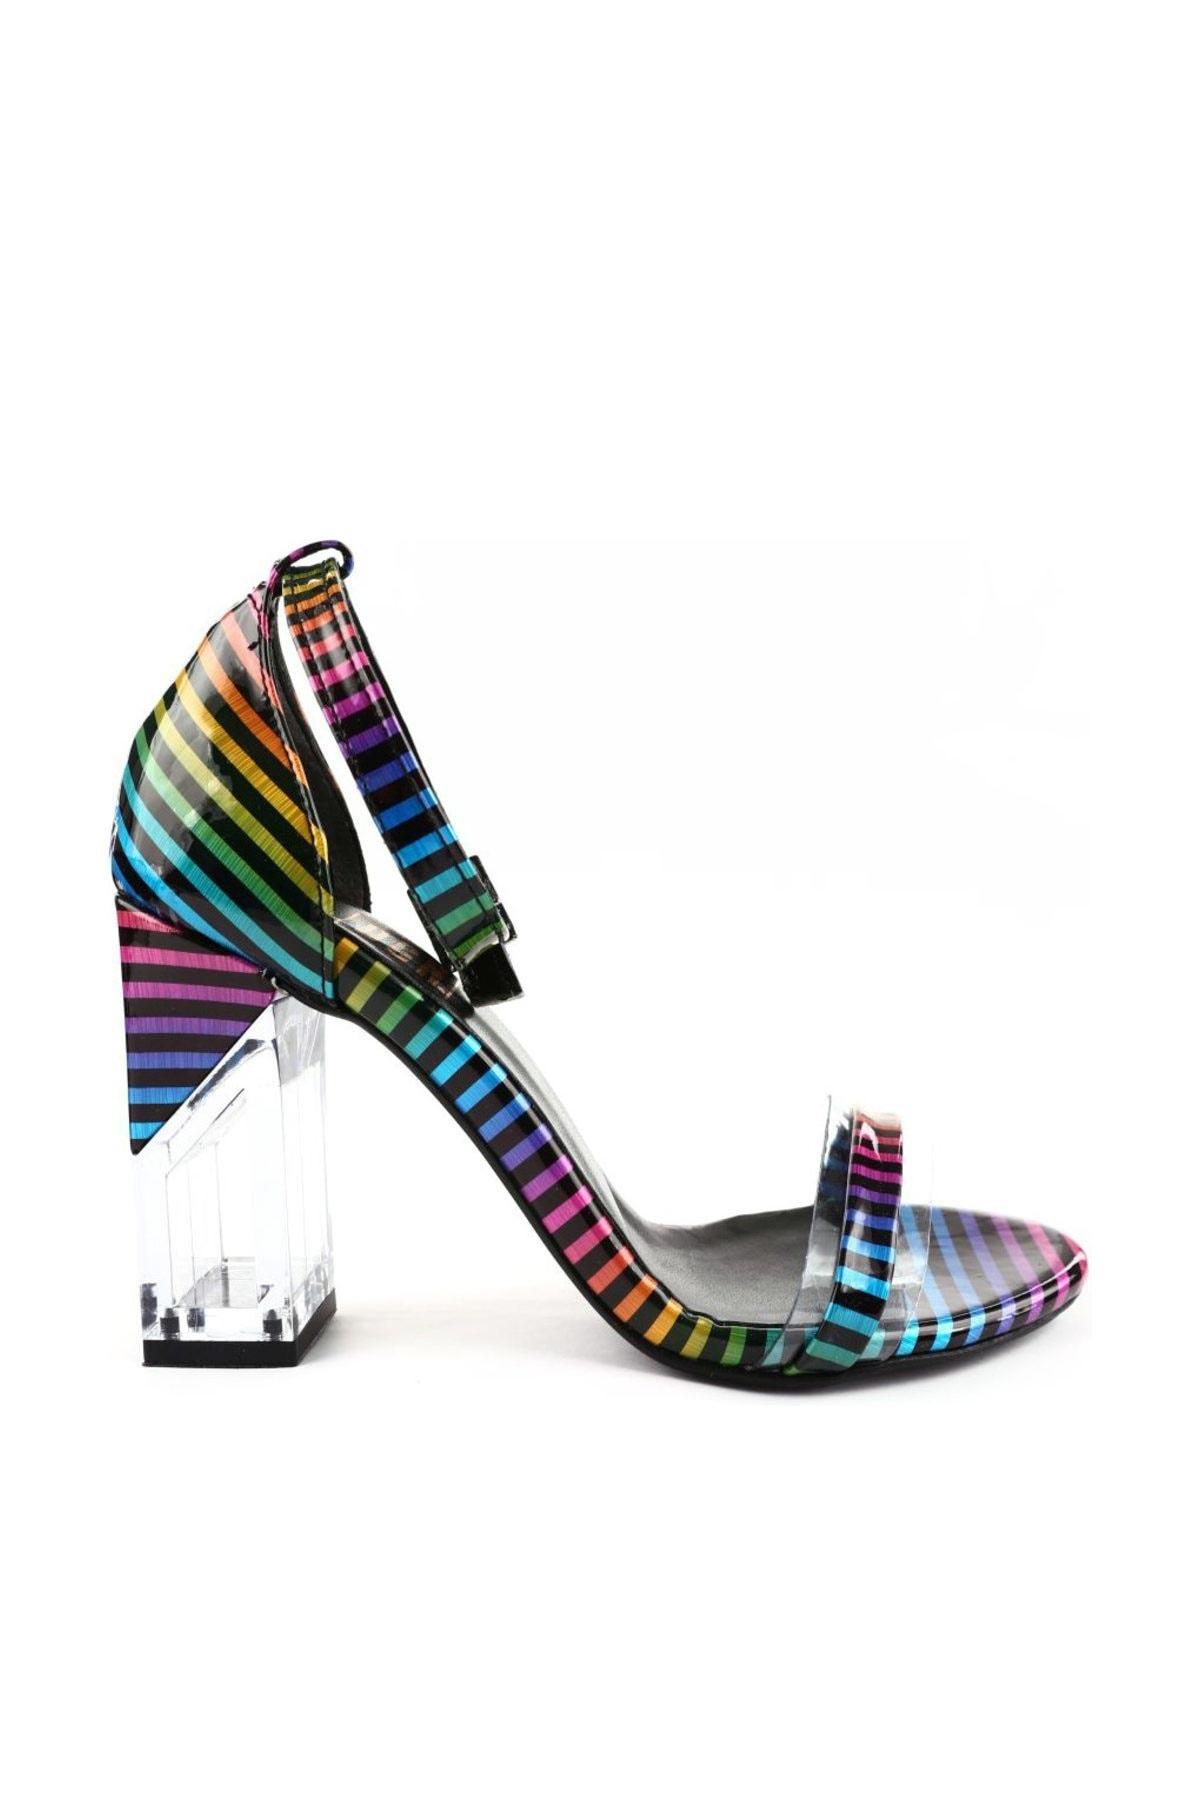 DGN Milenyum Rugan Kadın Topuklu Ayakkabı